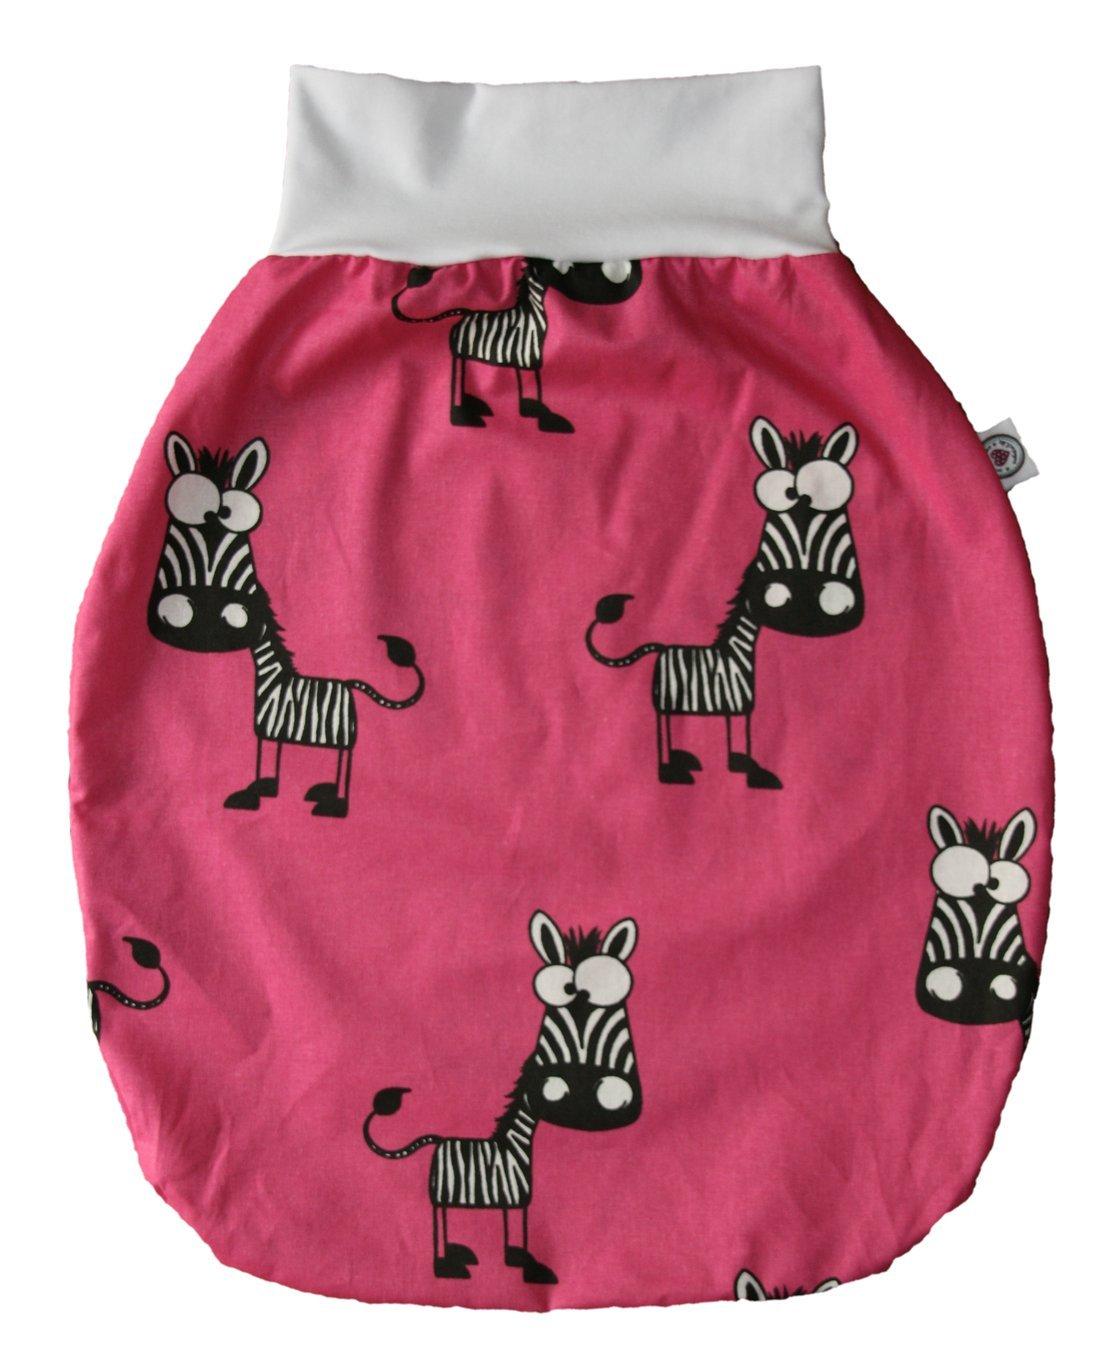 Saco de dormir con bonitas Forma de Animales Zebra/rosa Talla:0-6 meses: Amazon.es: Bebé